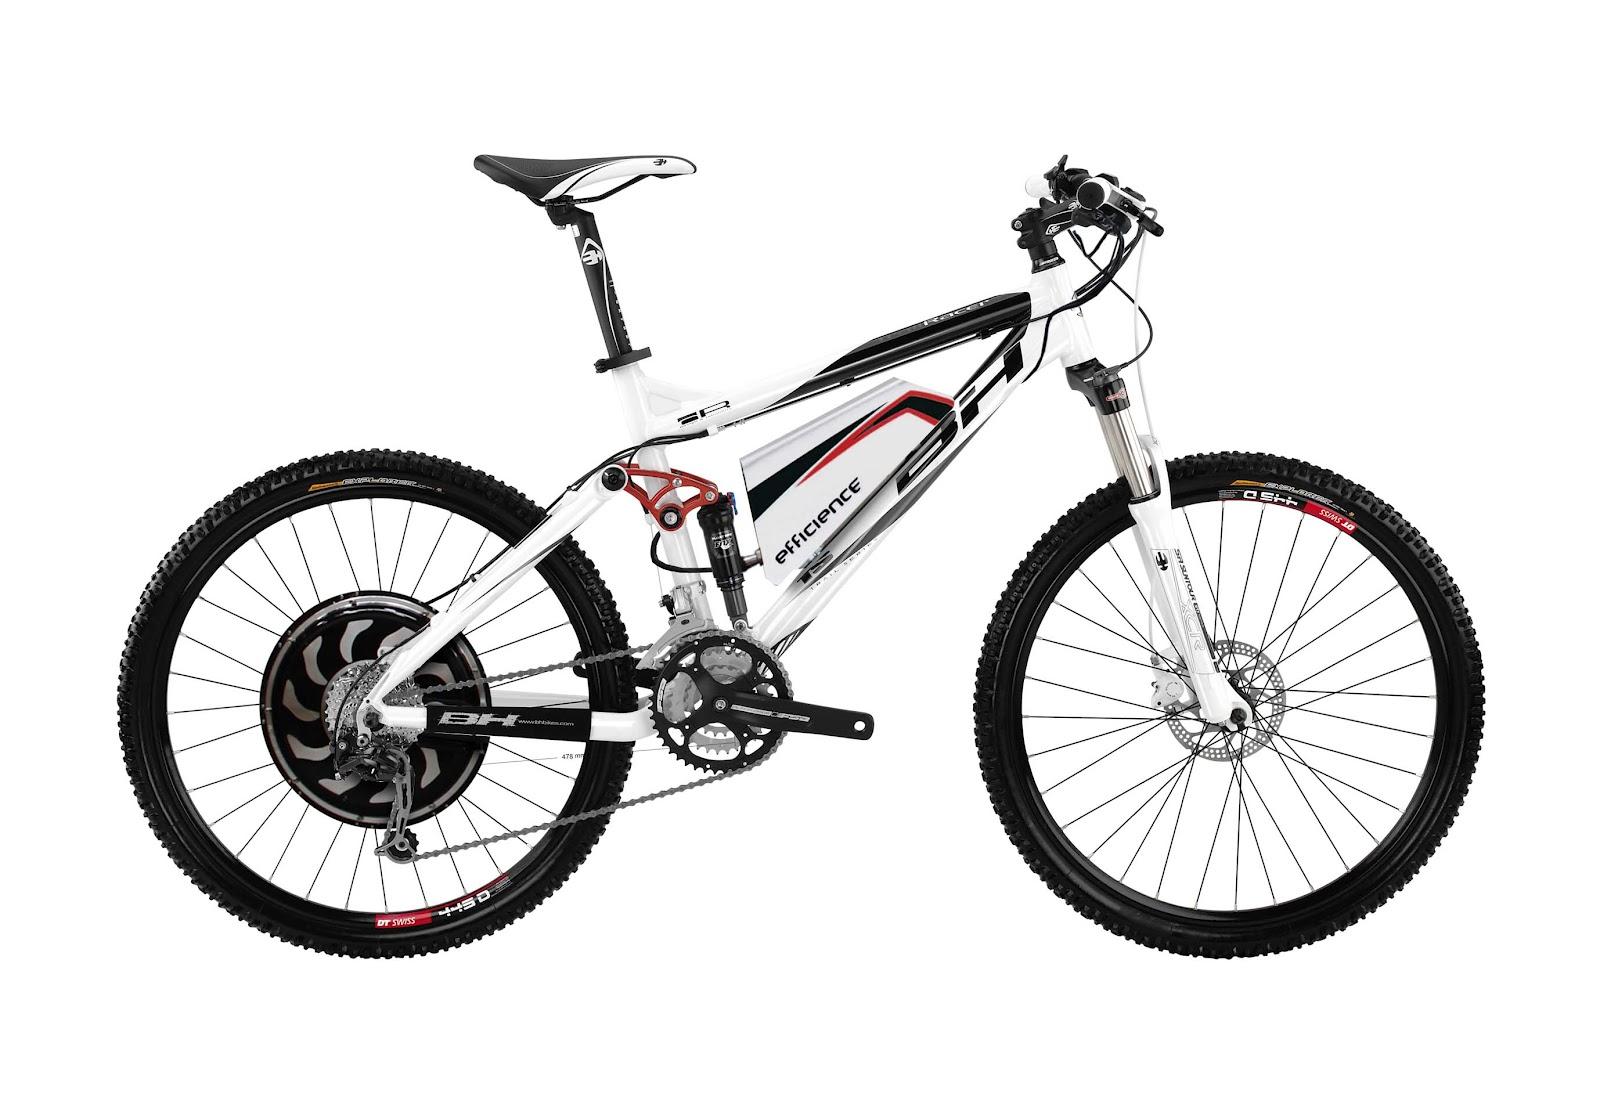 Kits Bici Electrica Kits Bicicleta Electrica